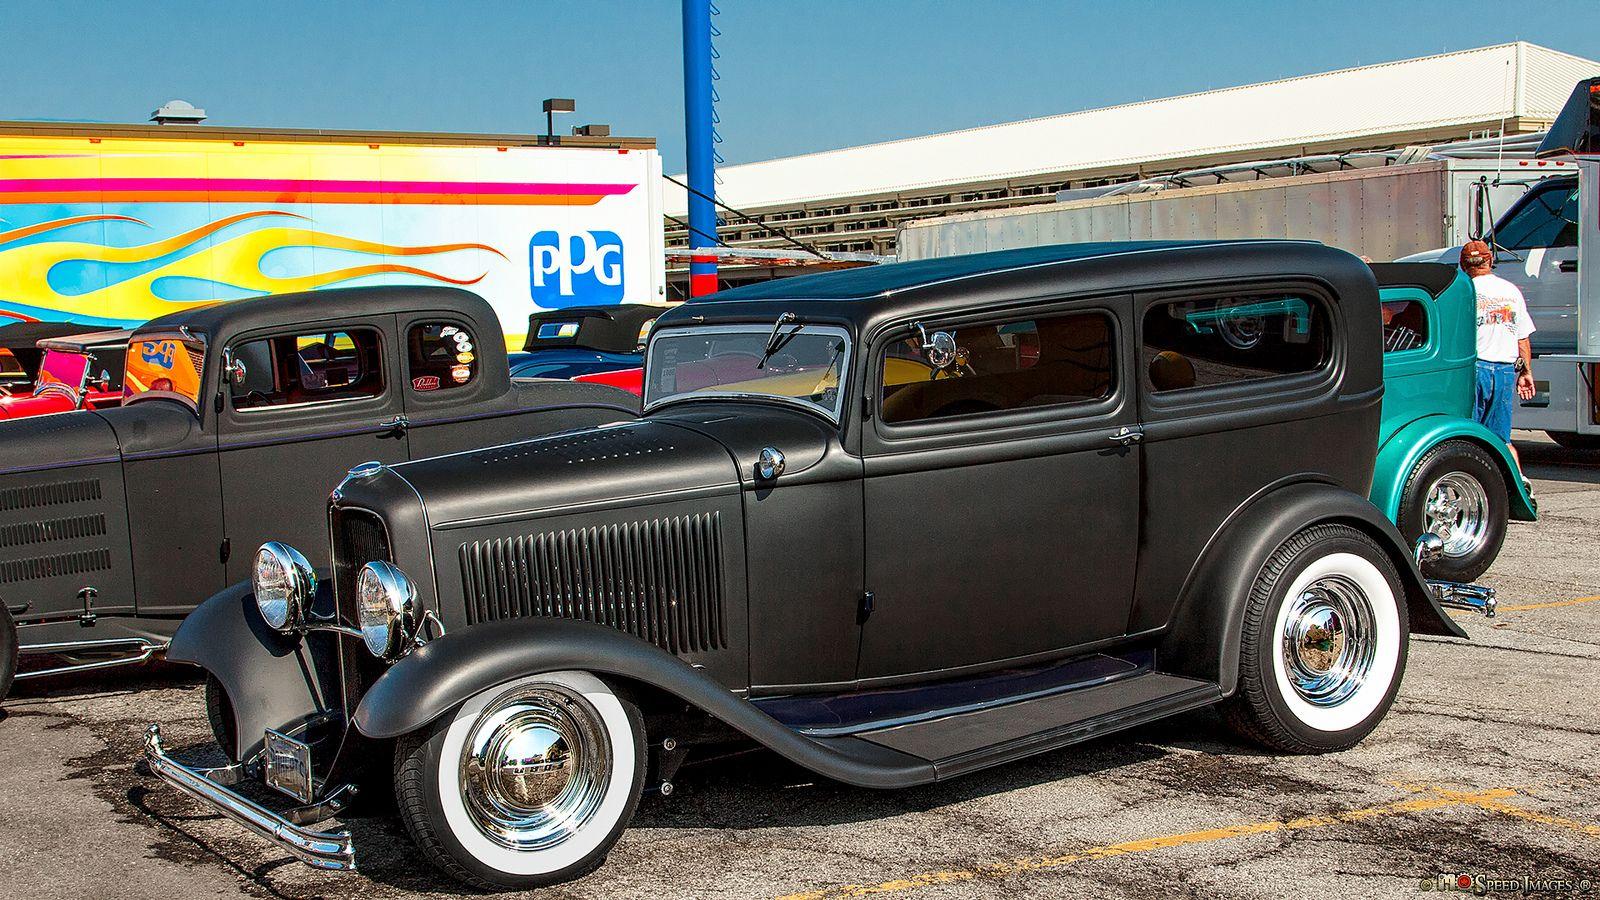 1932 Ford Tudor Sedan Hot Rods Cars Rat Rod Sedan